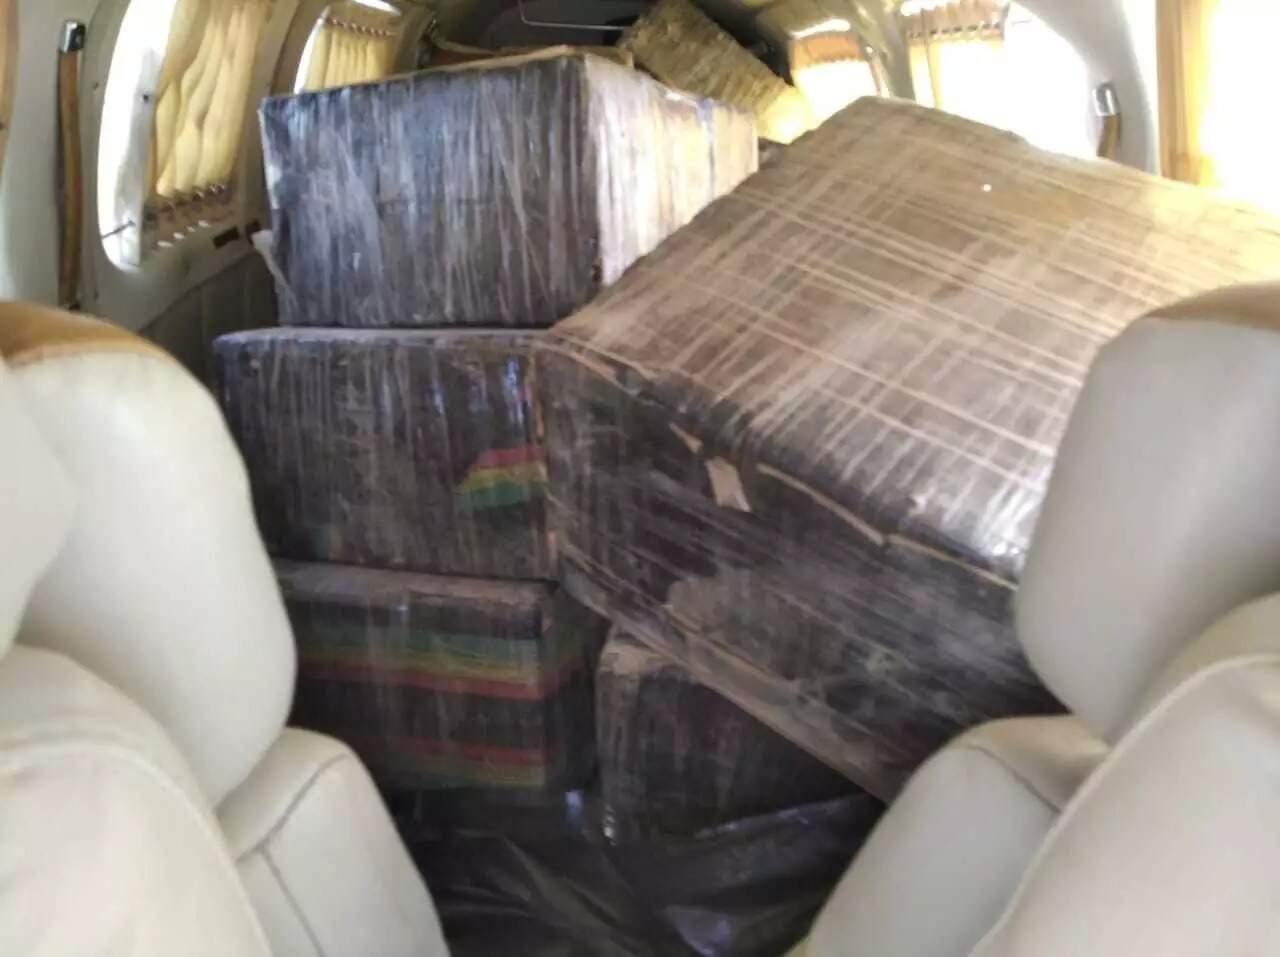 Carga de cocaína no interior de aeronave apreendida em Ivinhema (Foto: Jornal da Nova/Arquivo)